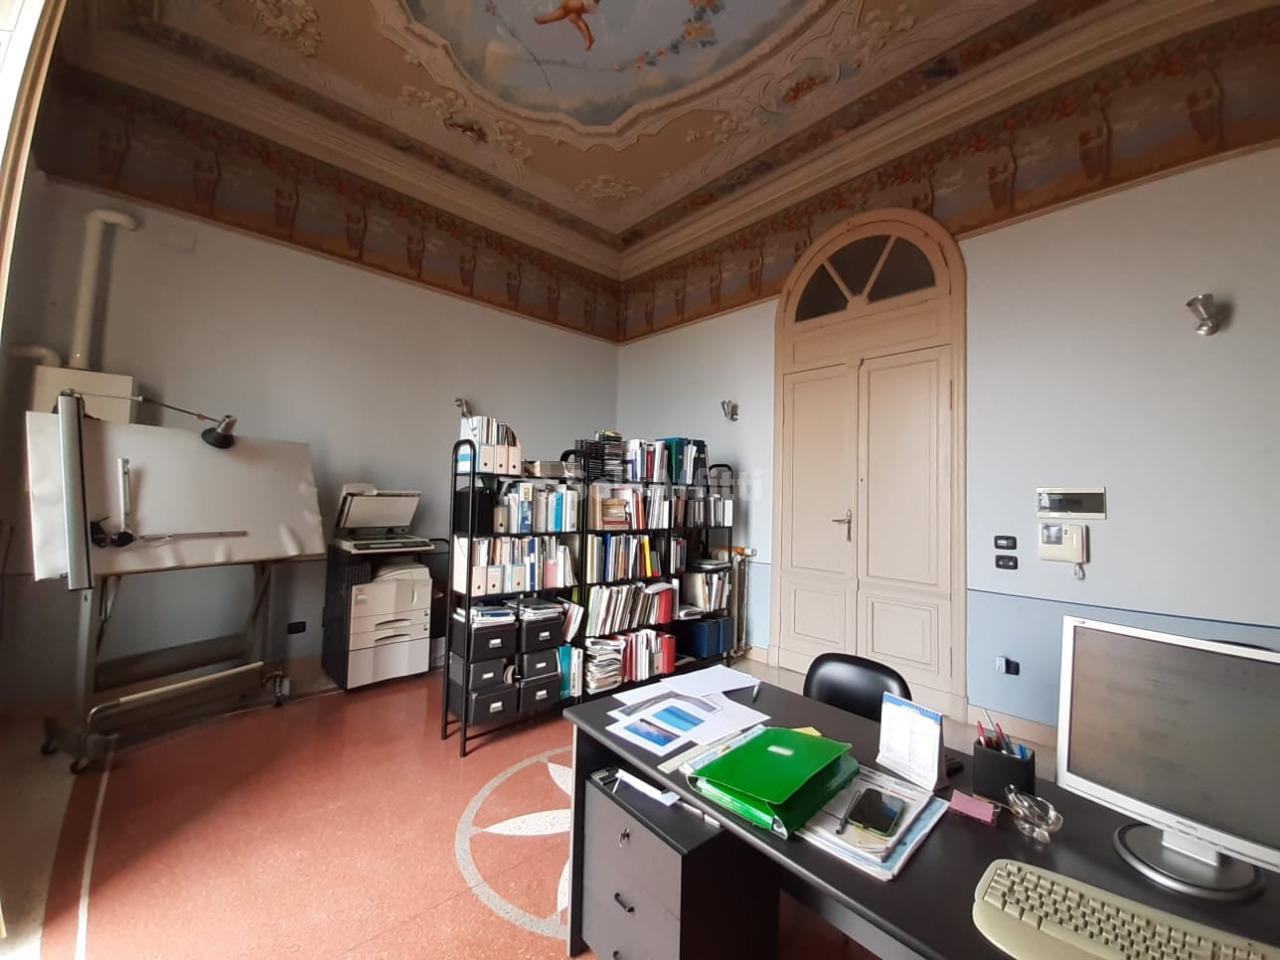 Ufficio in affitto a Castelfidardo (AN)